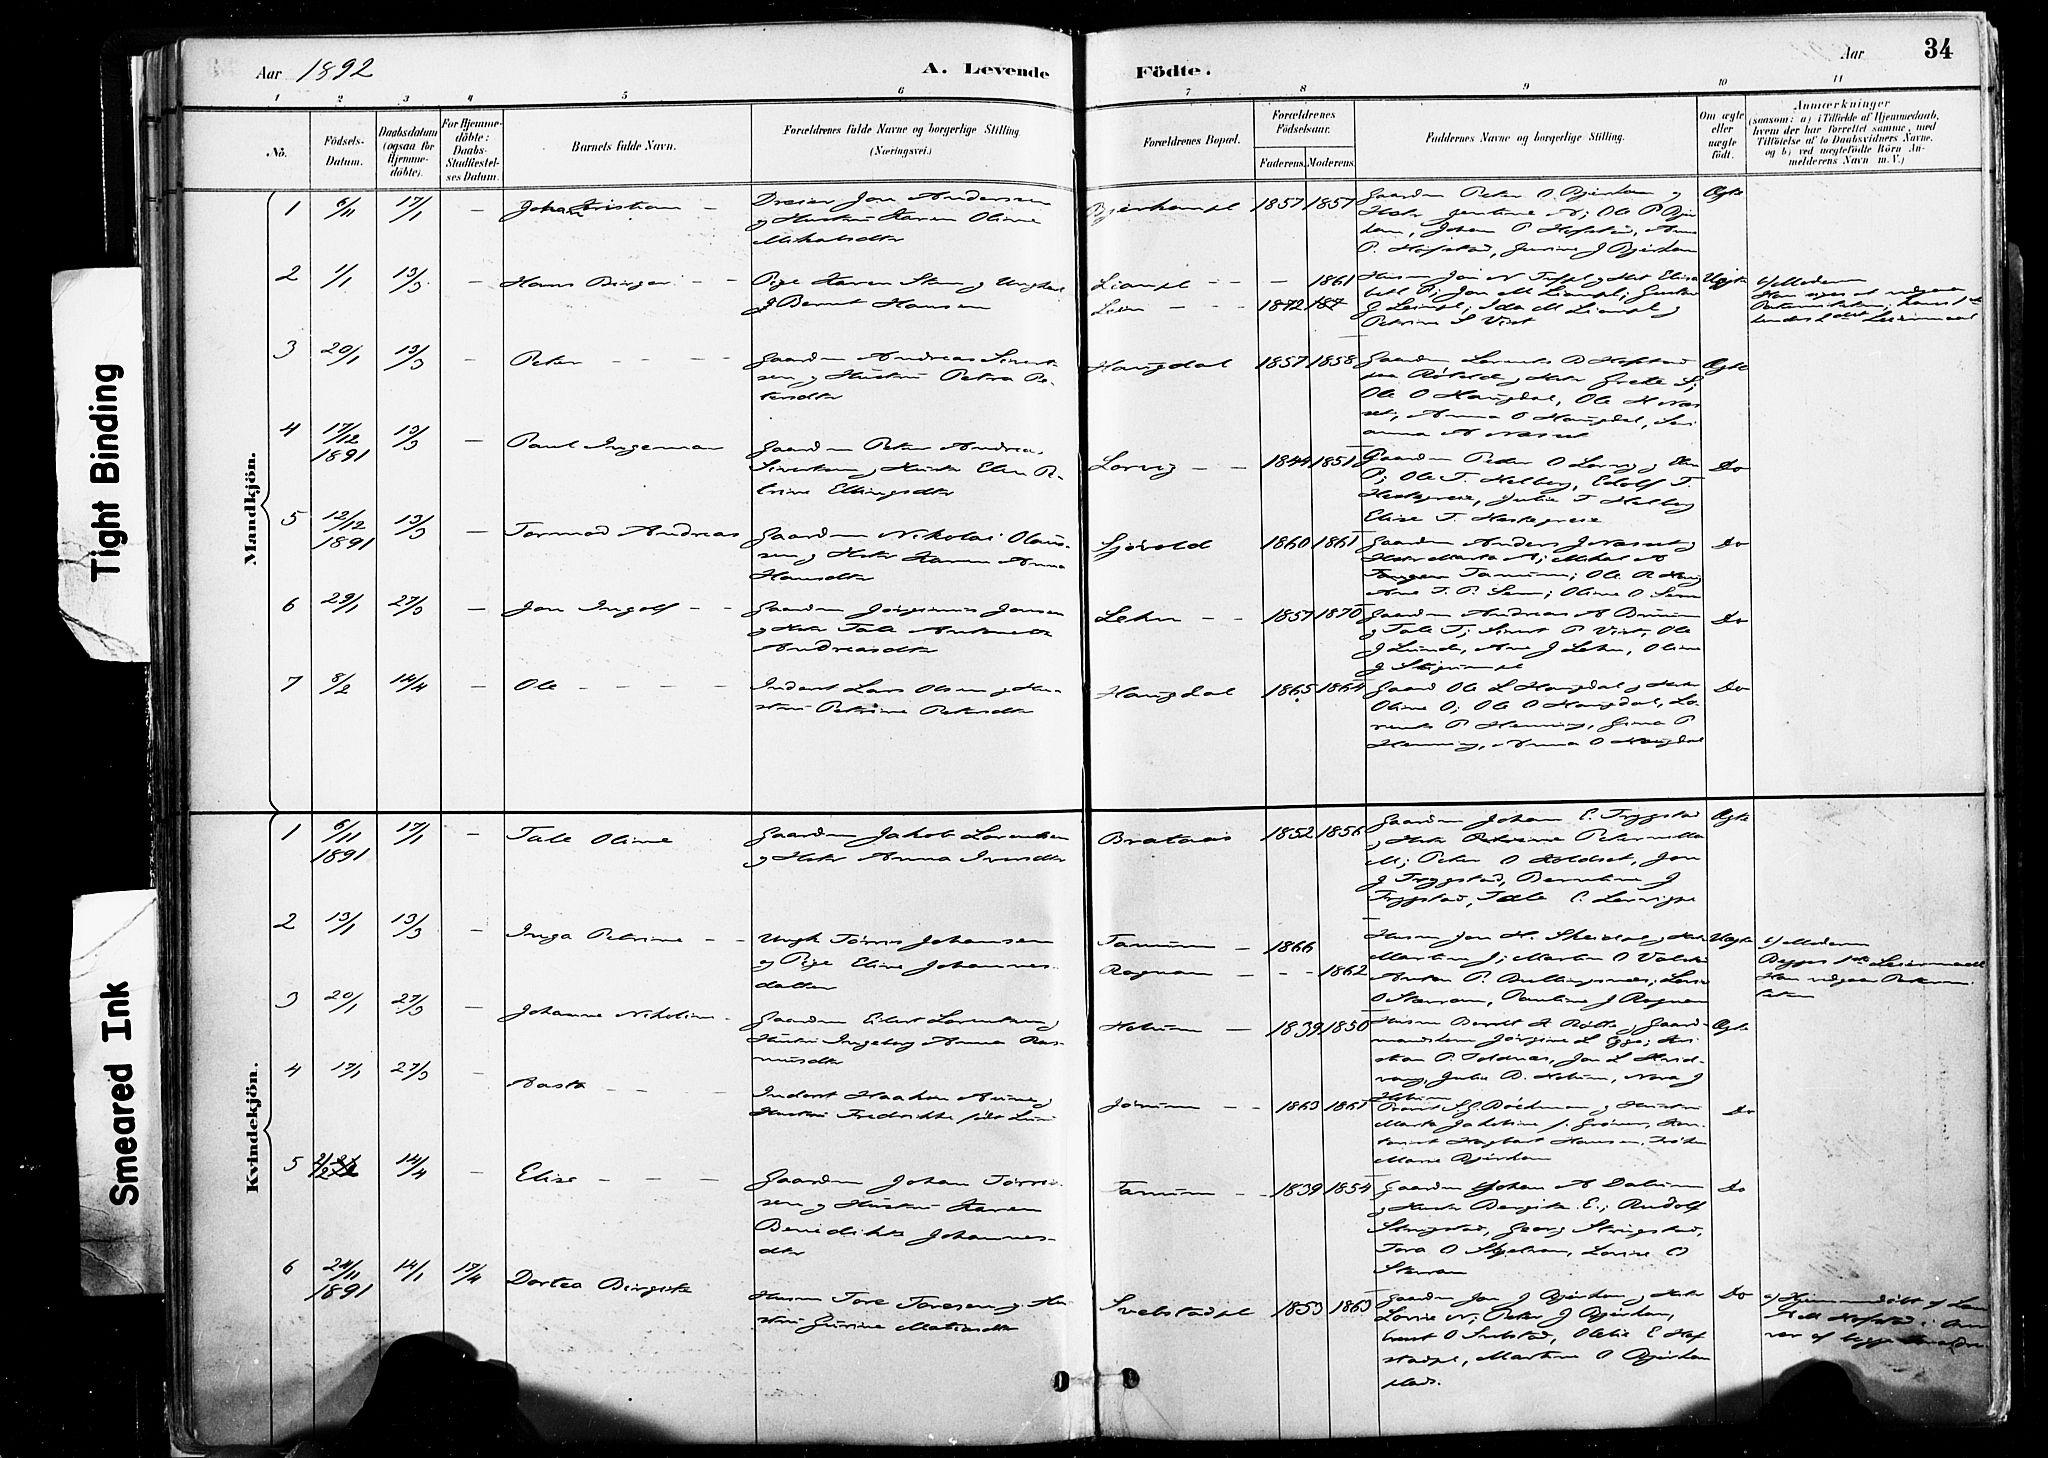 SAT, Ministerialprotokoller, klokkerbøker og fødselsregistre - Nord-Trøndelag, 735/L0351: Ministerialbok nr. 735A10, 1884-1908, s. 34